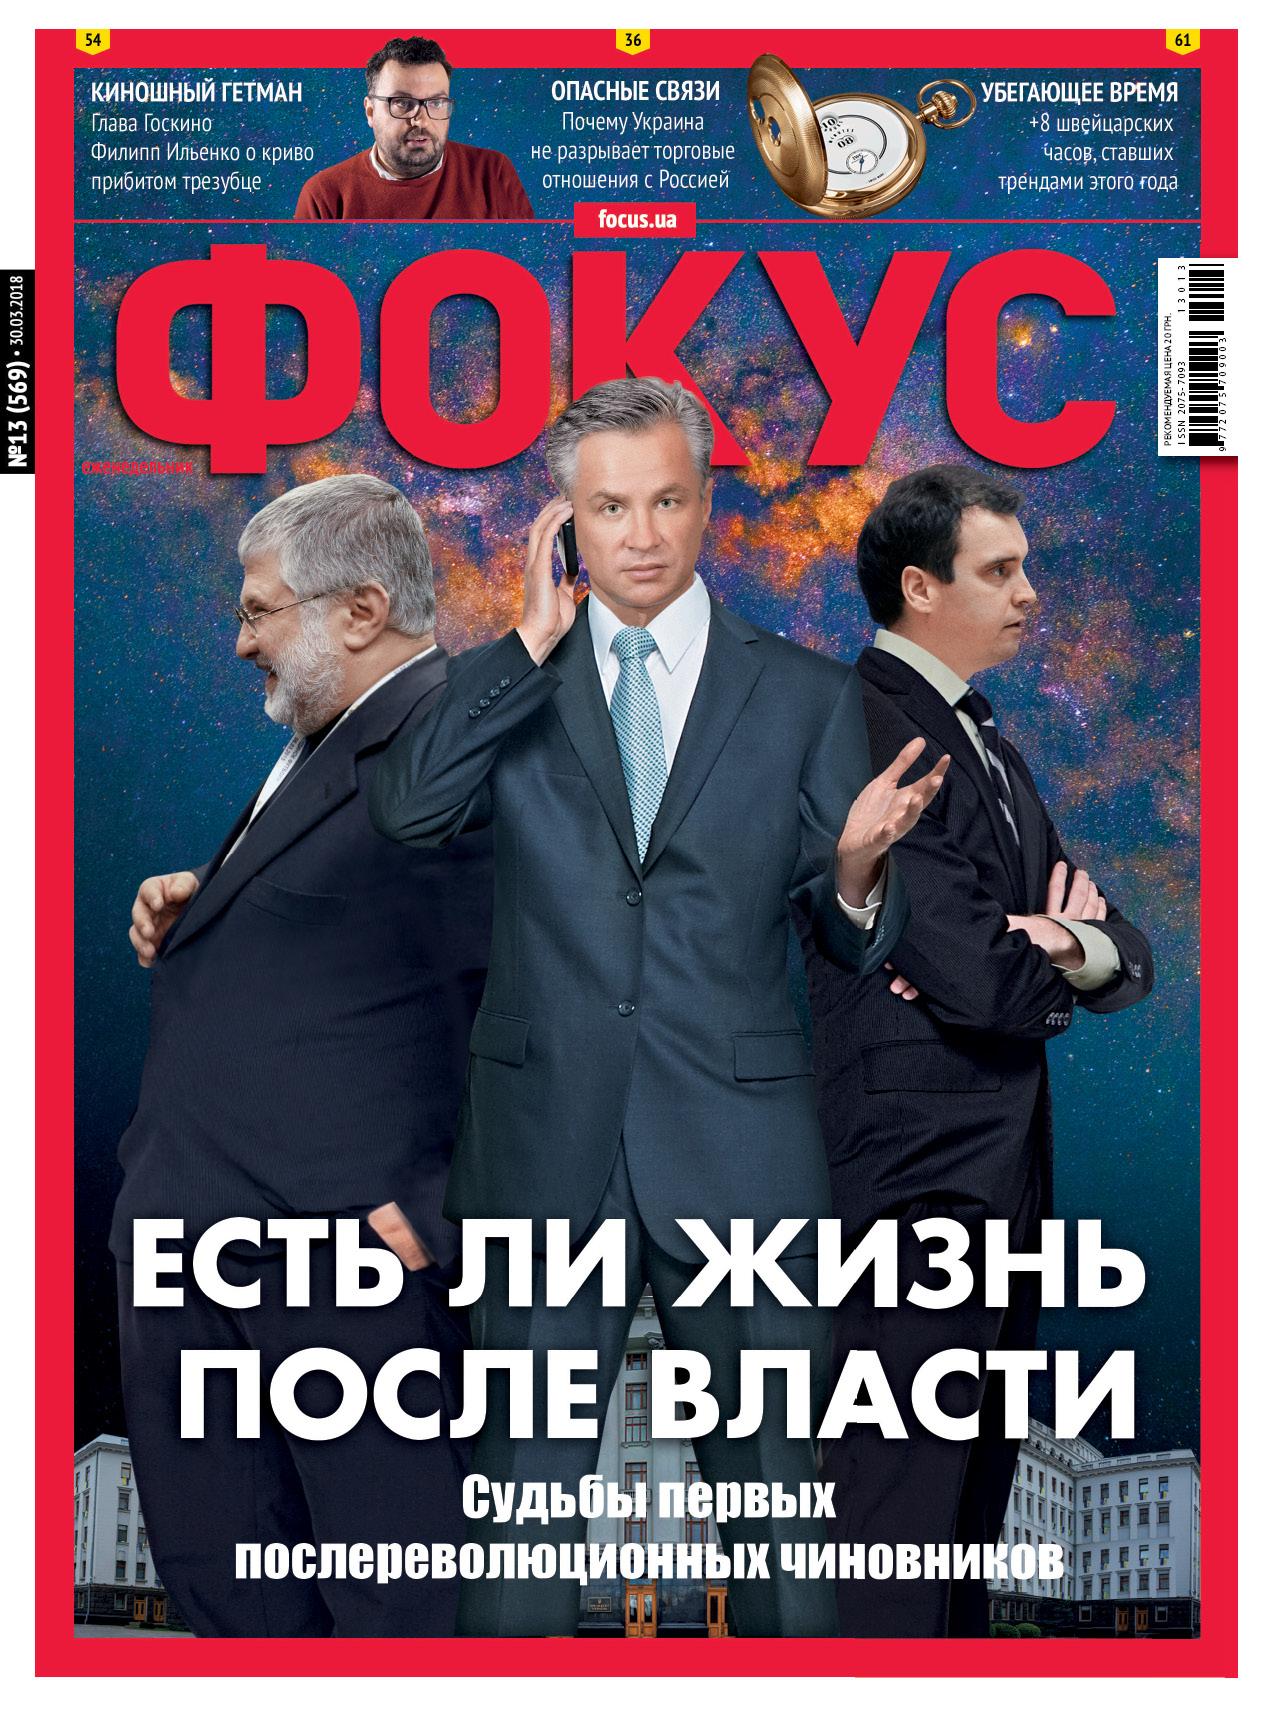 Фокус рассказал о карьерных взлетах управленцев после Евромайдана